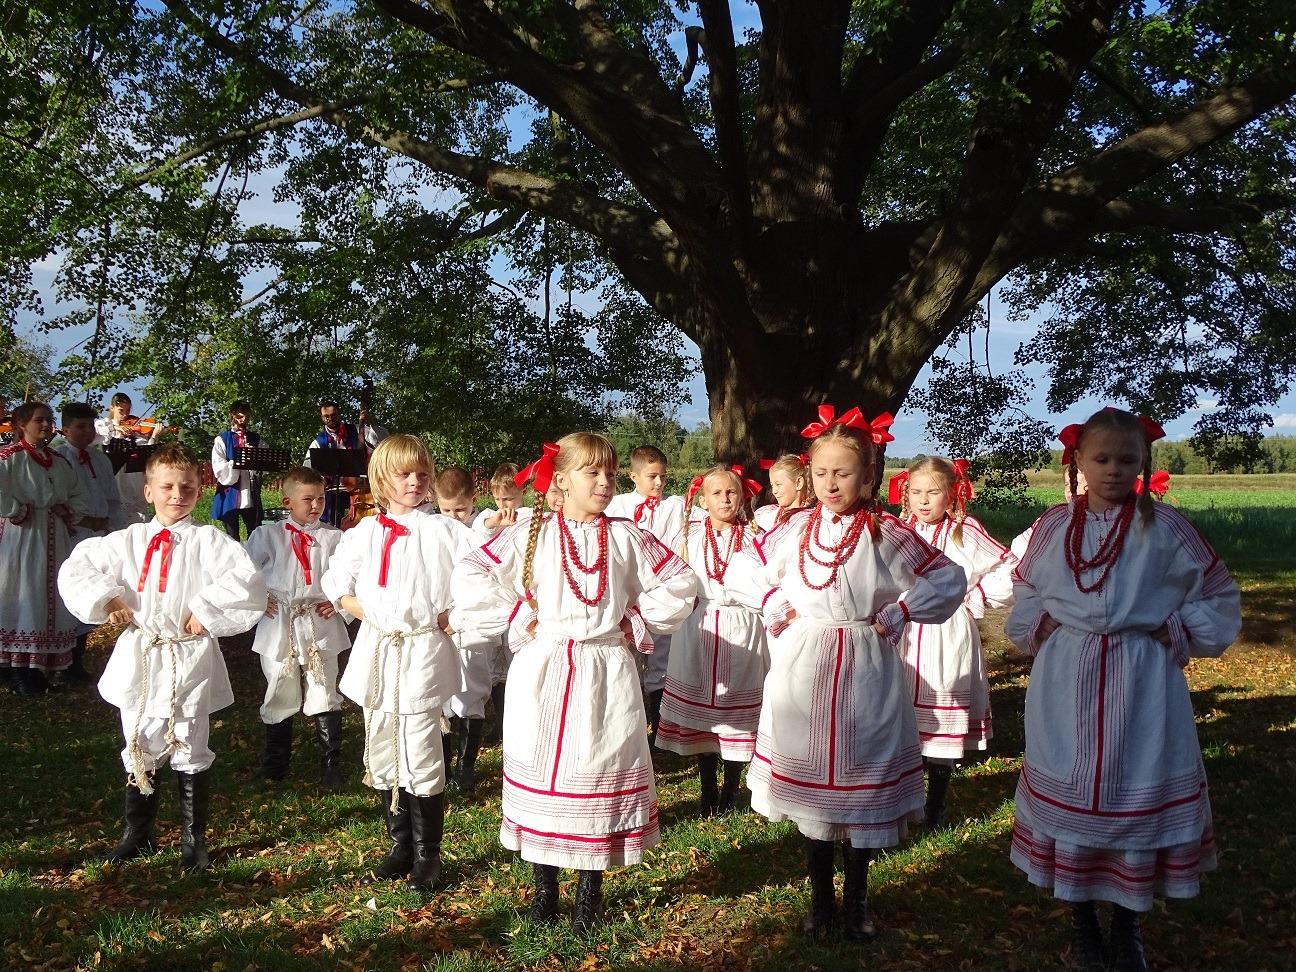 Młode pokolenie pod bardzo starym drzewem, czyli tańce pod Drzewem Roku - Zdjęcie główne